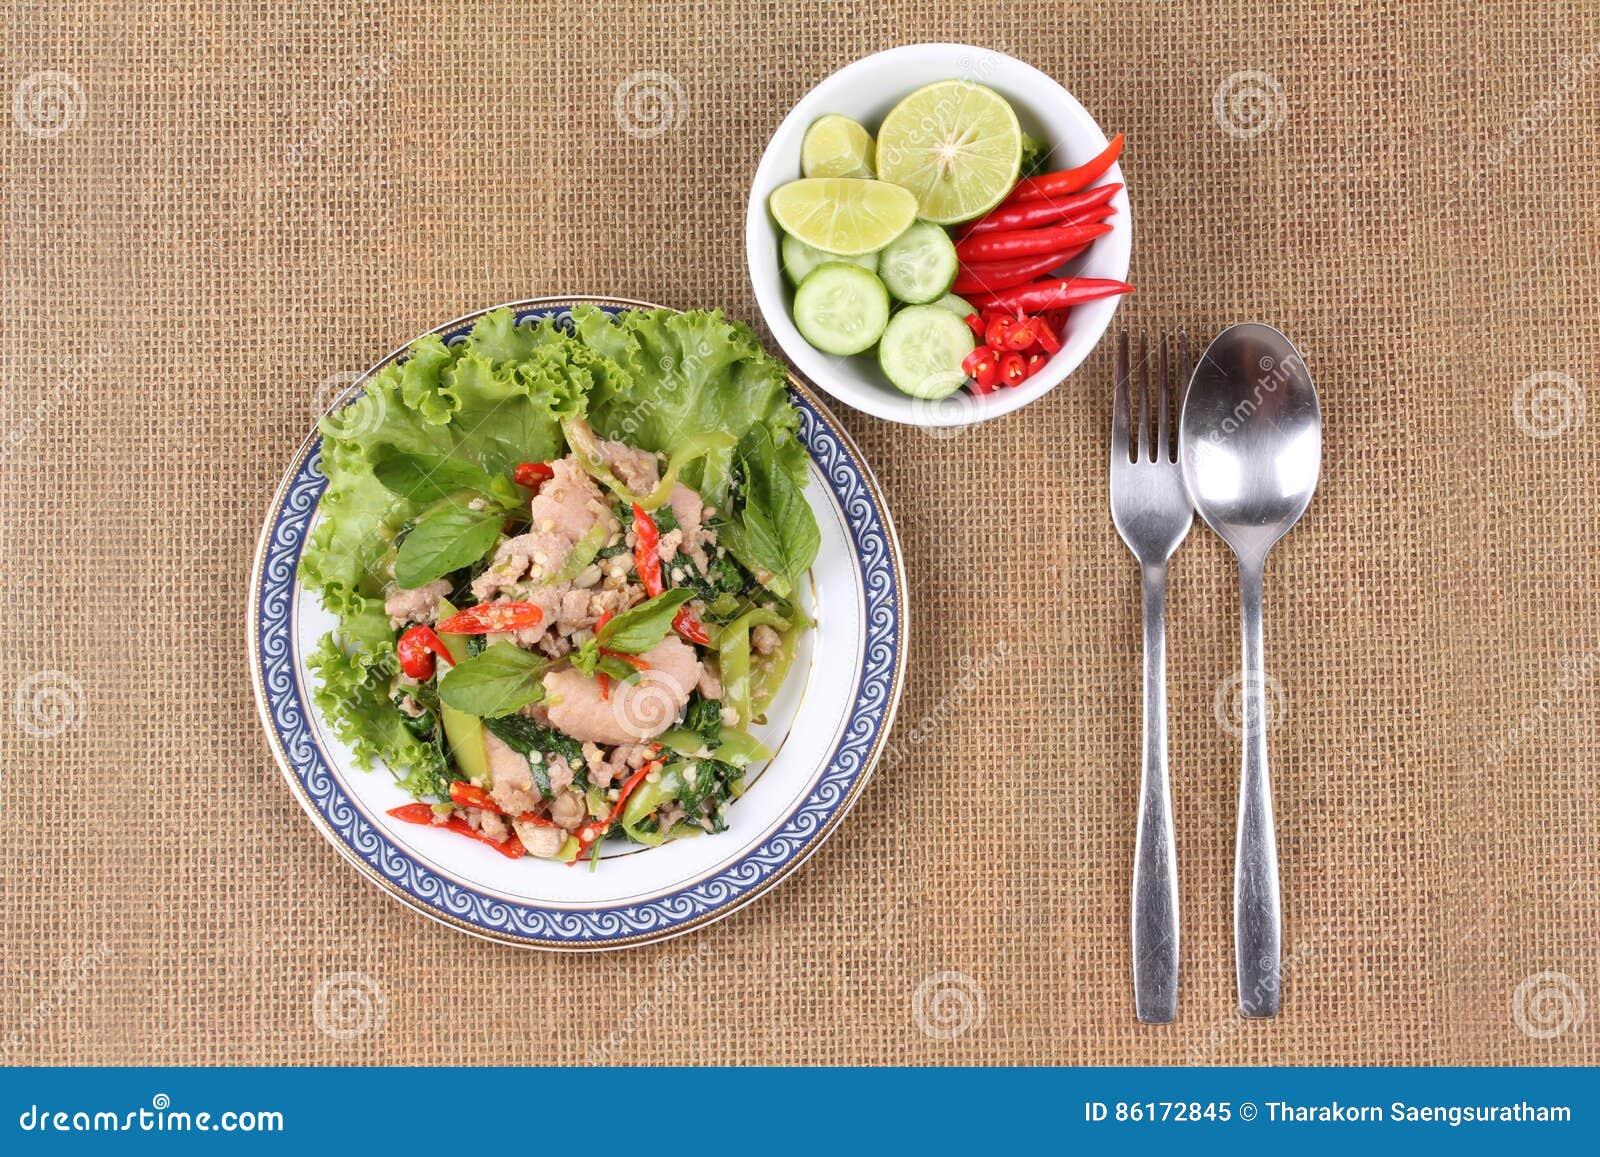 how to make thai chilli basil pork belly